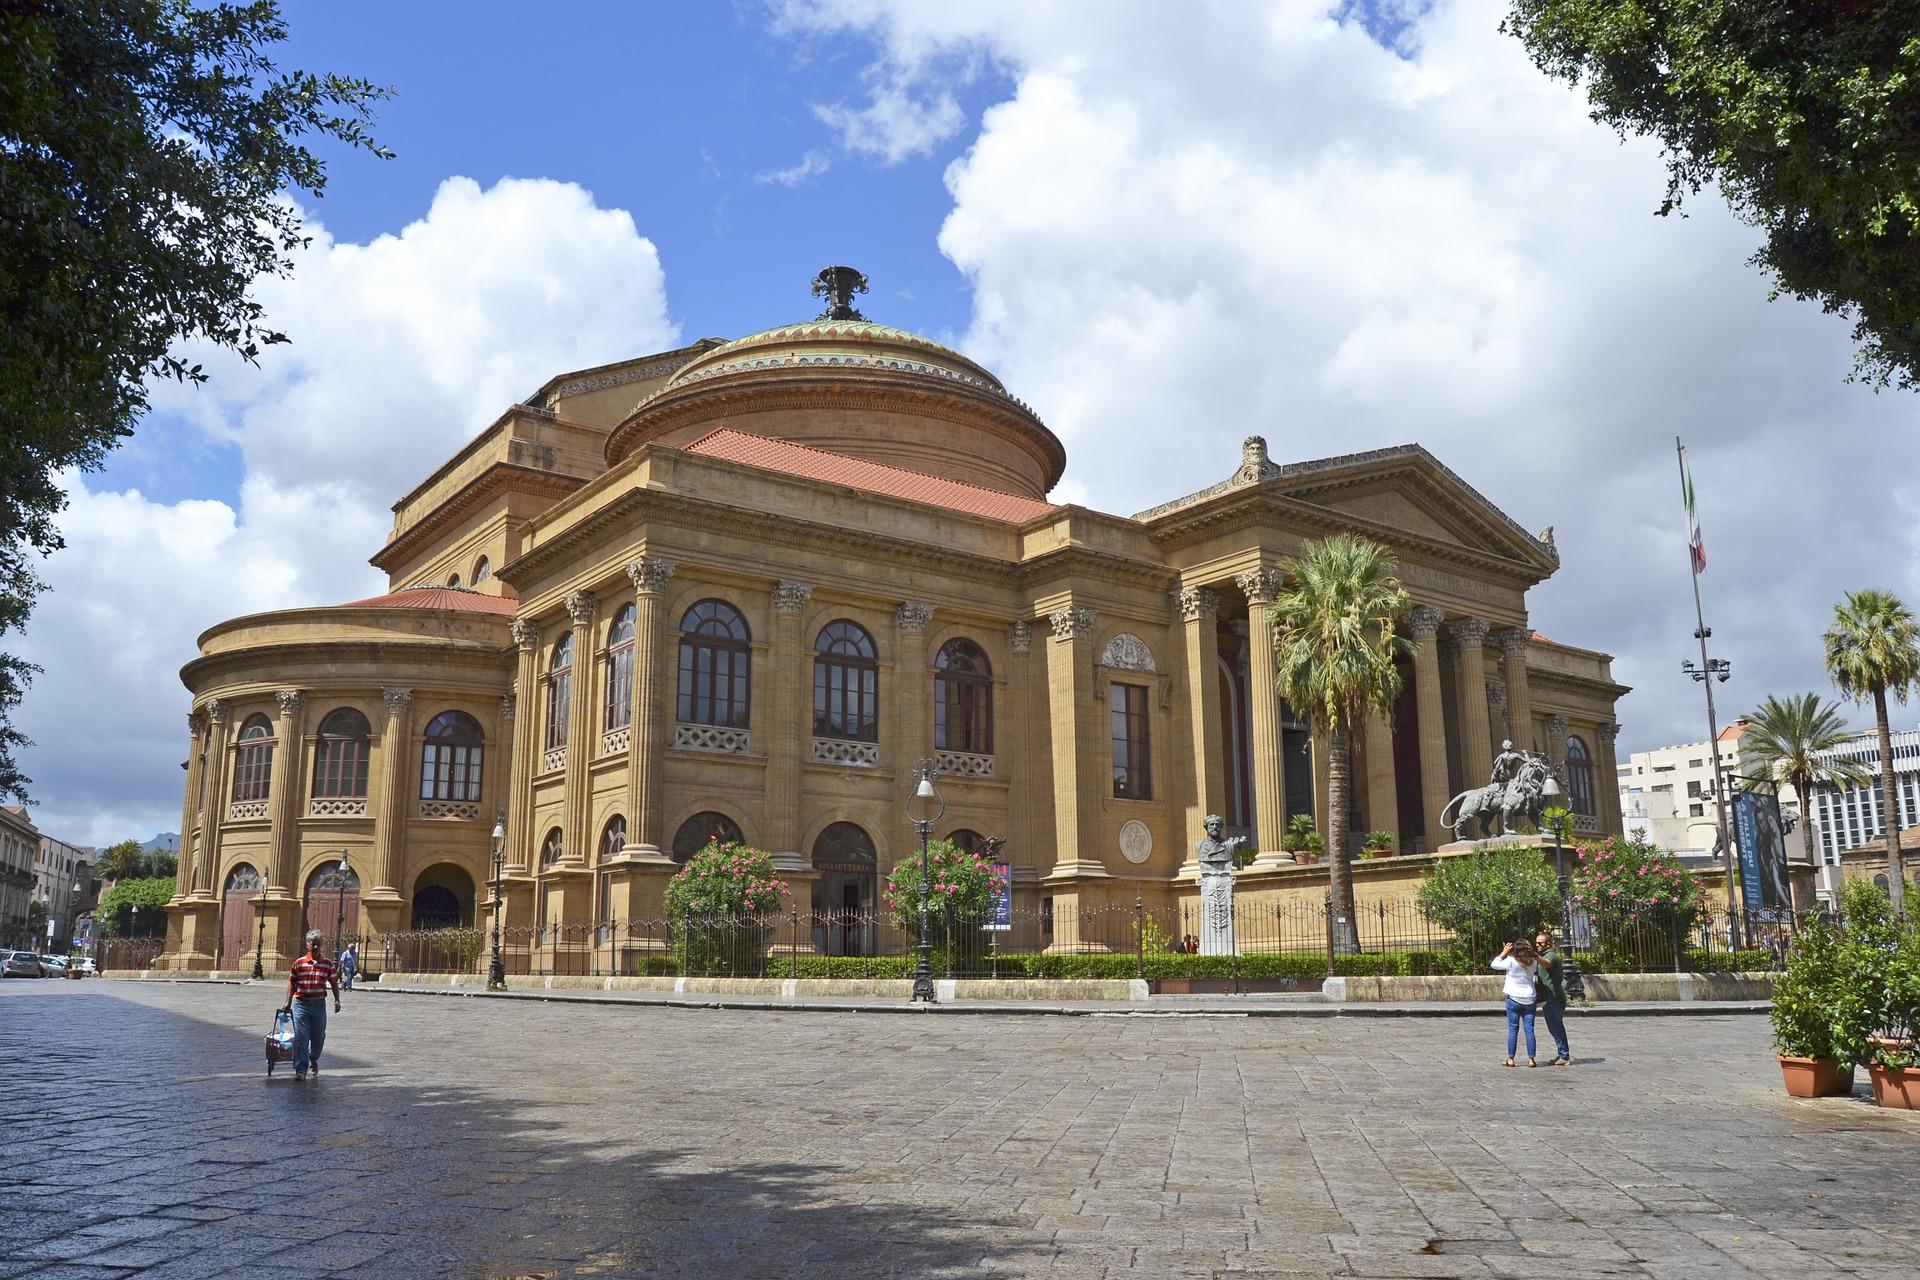 The Teatro Massimo theatre, Palermo